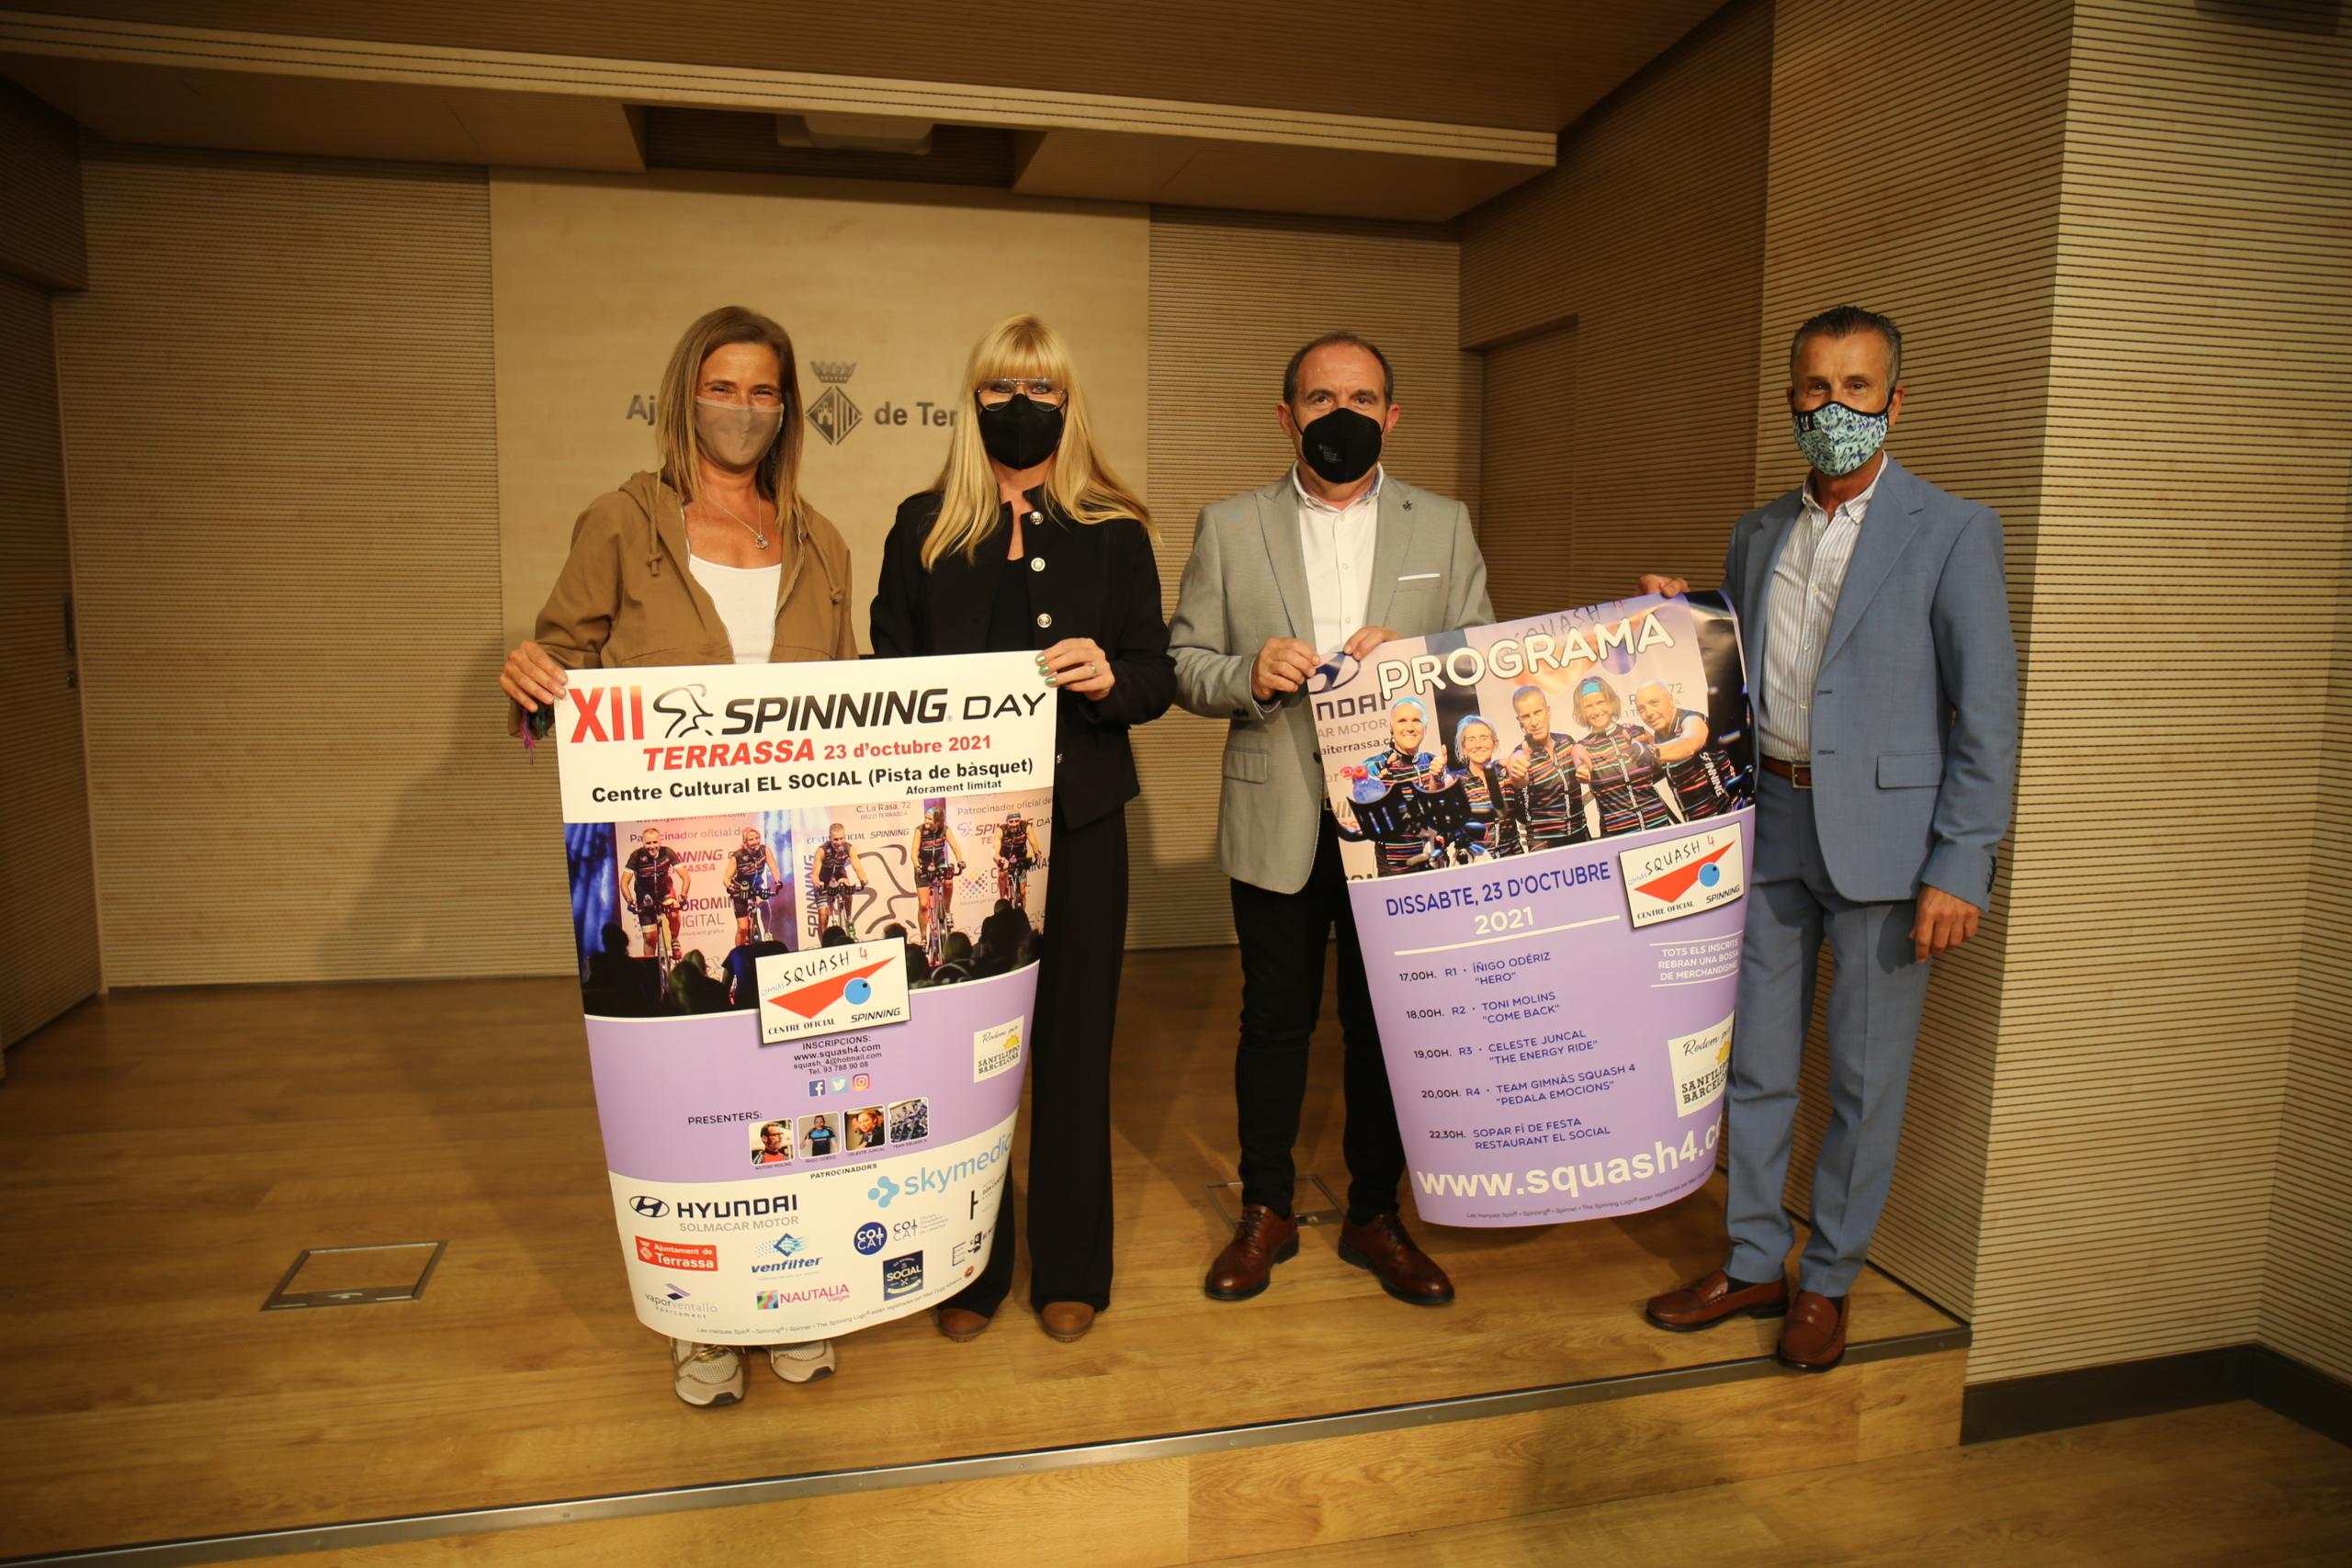 Presentació de la dotzena edició de l'Spinning Day   Ajuntament de Terrassa